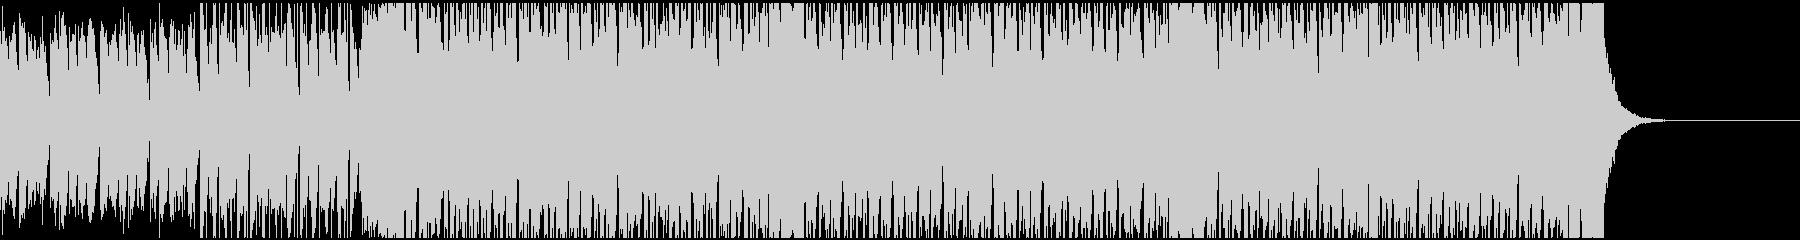 心機一転元気な応援BGMの未再生の波形